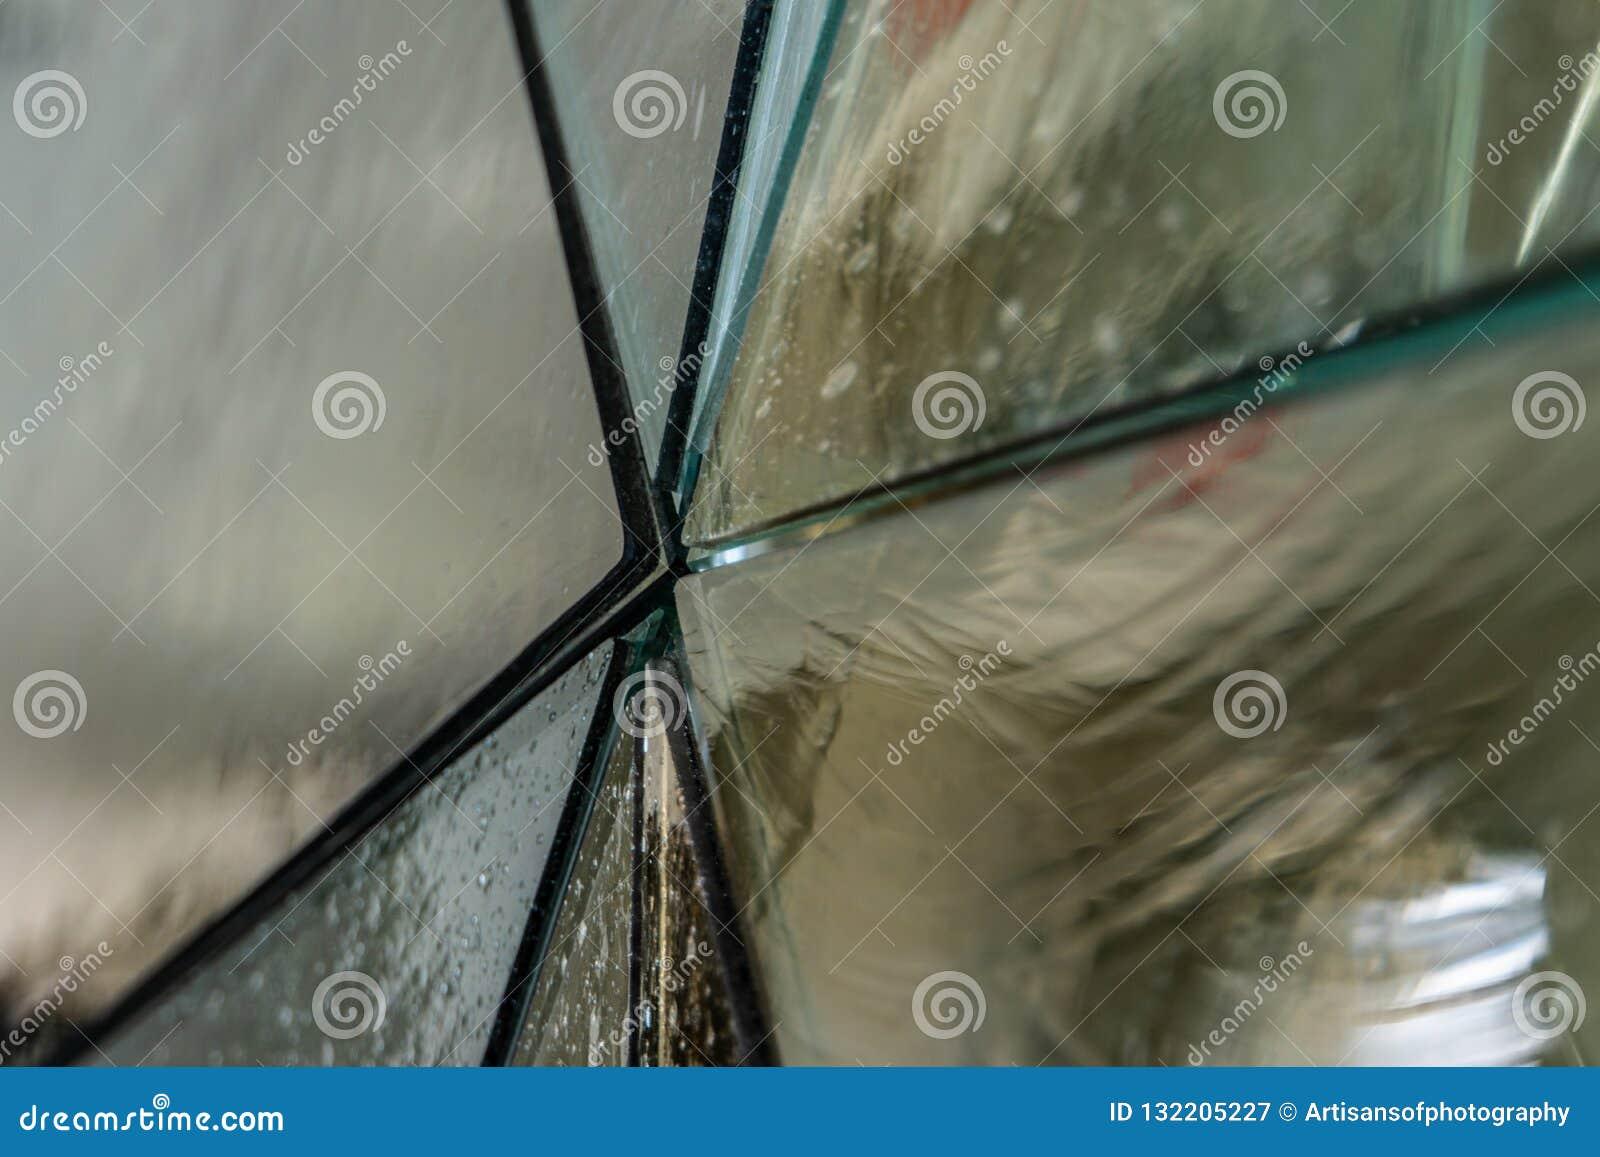 Zusammenfassung einer Glasplatte